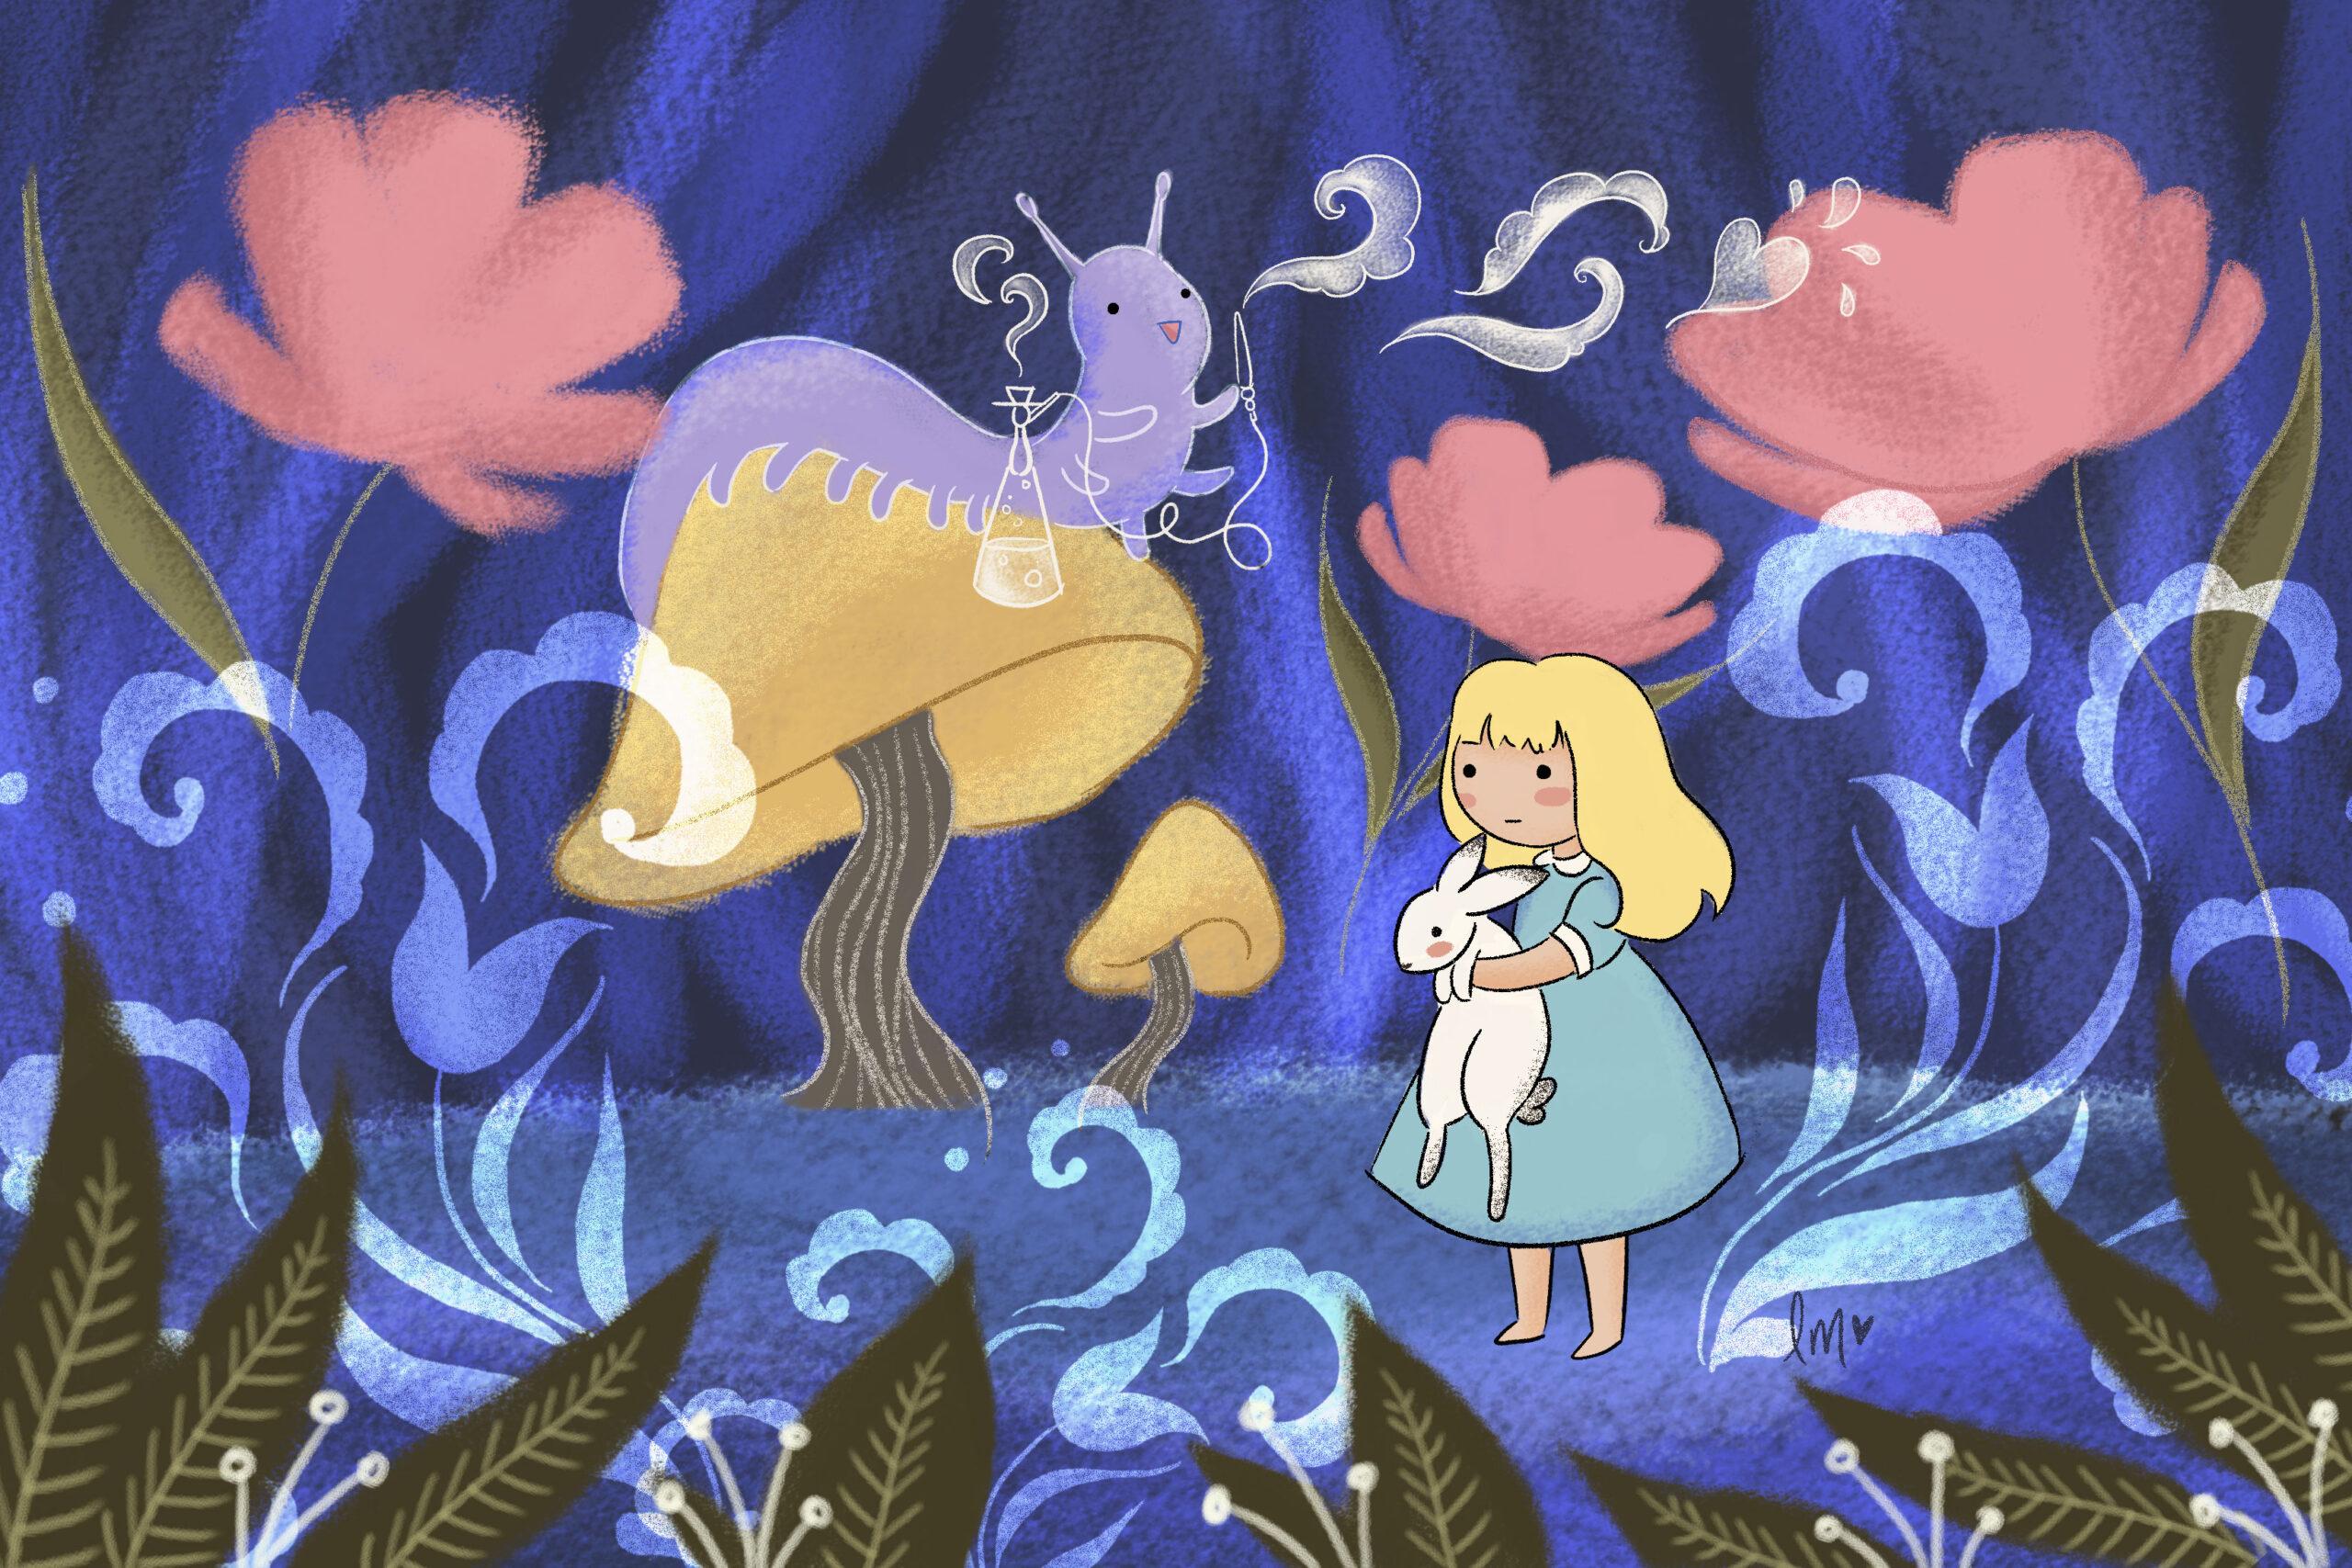 Alice in Wonderland Lauren Metzler Children's Book Illustration See more at laurenmetzler.com